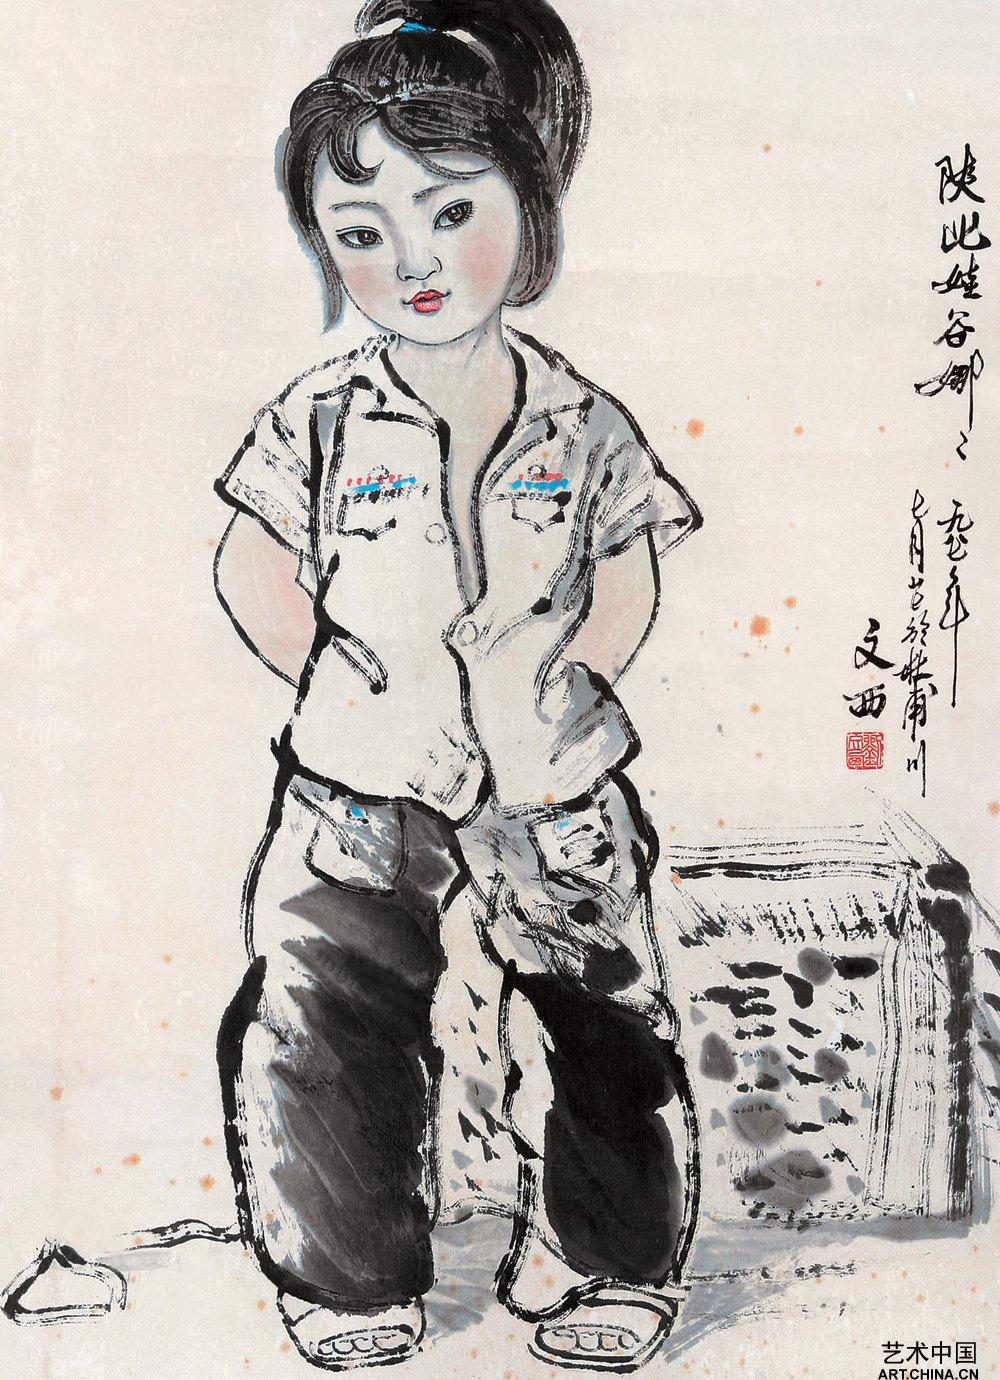 刘文西作品_推荐作品_艺术中国